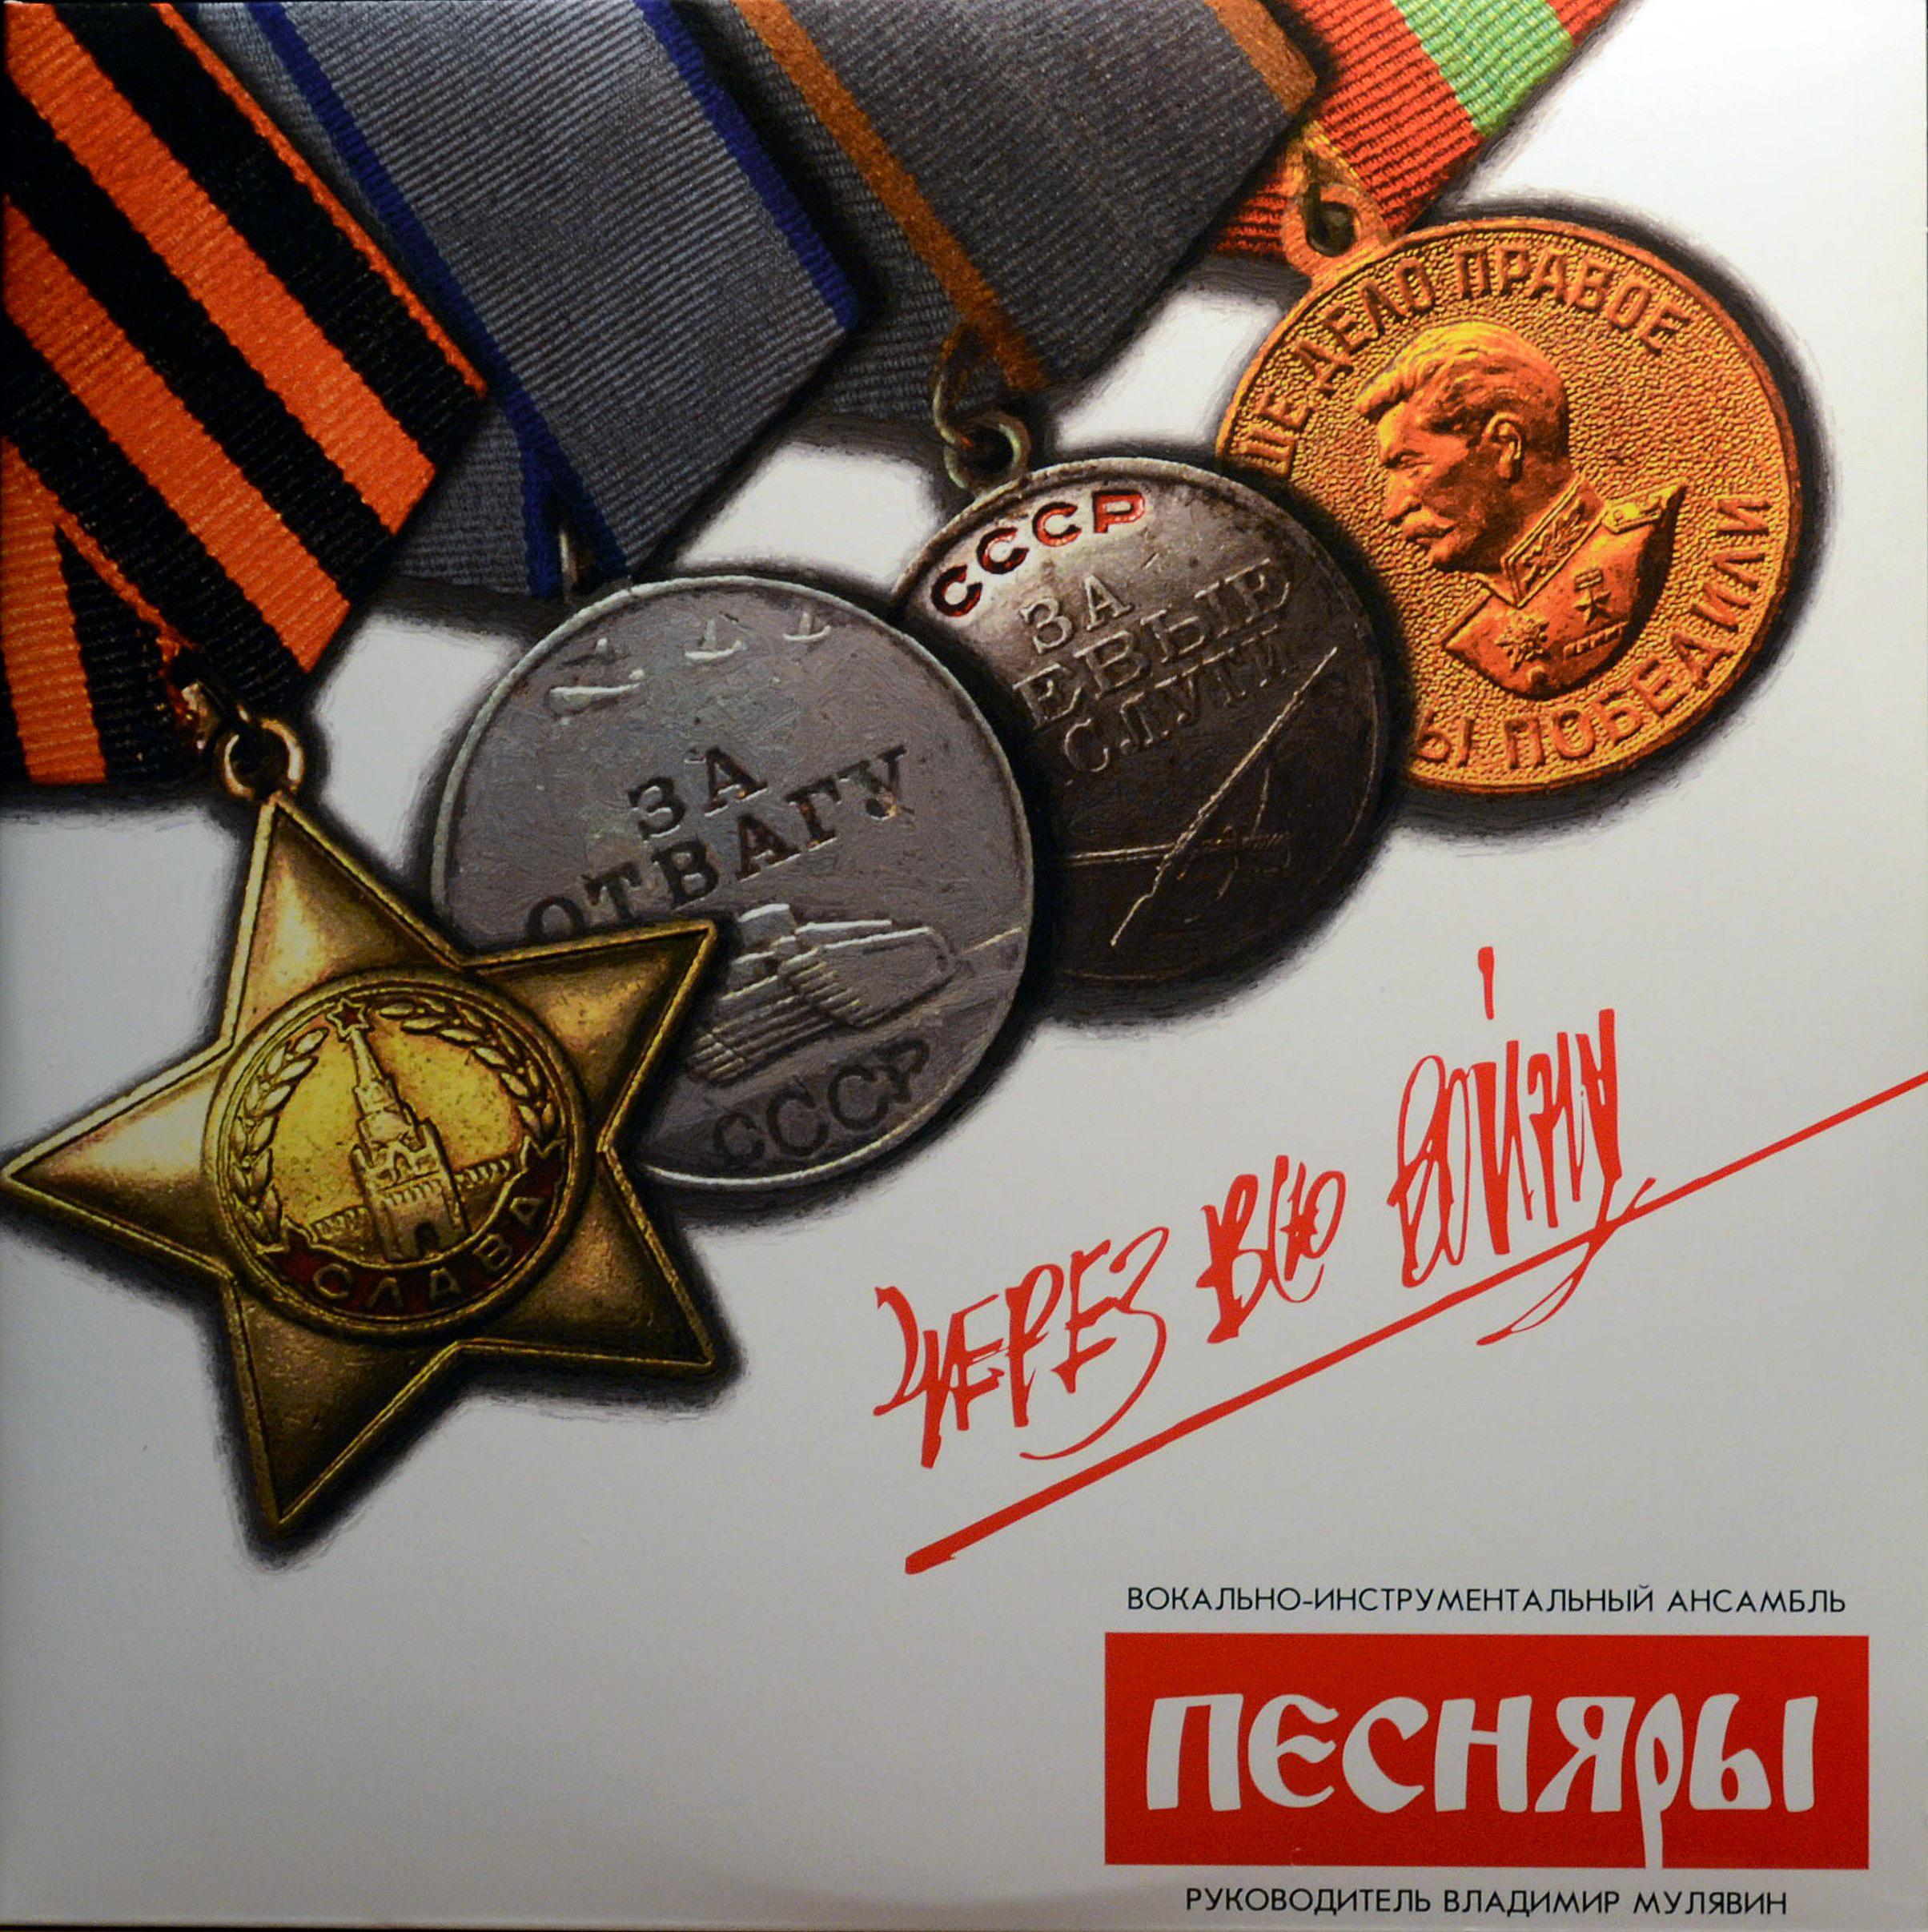 http://img-fotki.yandex.ru/get/9807/15114717.4c/0_16dc81_333c242a_orig.jpg